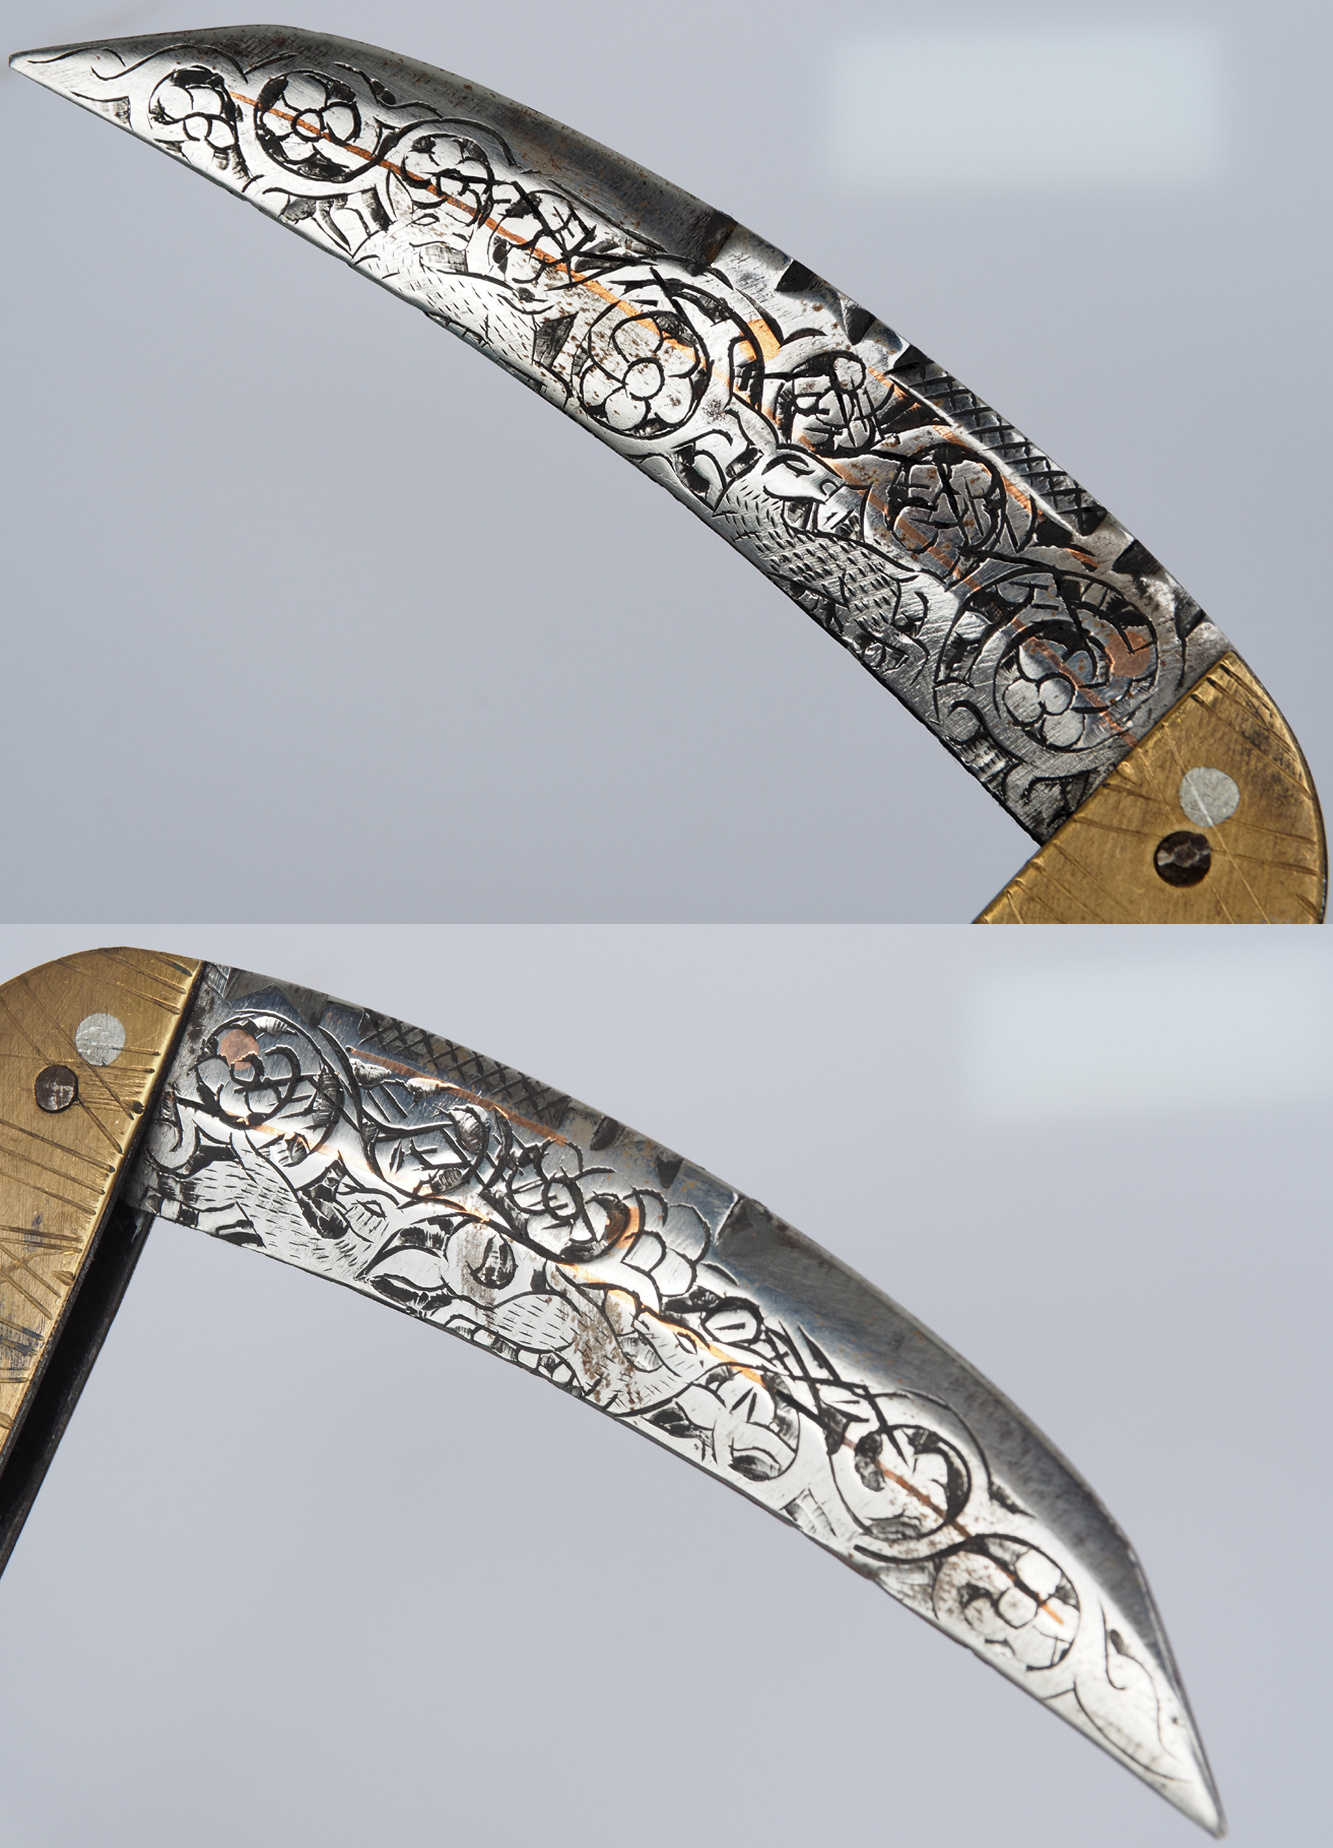 27 cm Knife Islamic scythe Short sword Dagger choora Pesh kabze  lohar Knife Khyber sickle Pick lapis  handle afghanistan pakistan :21G